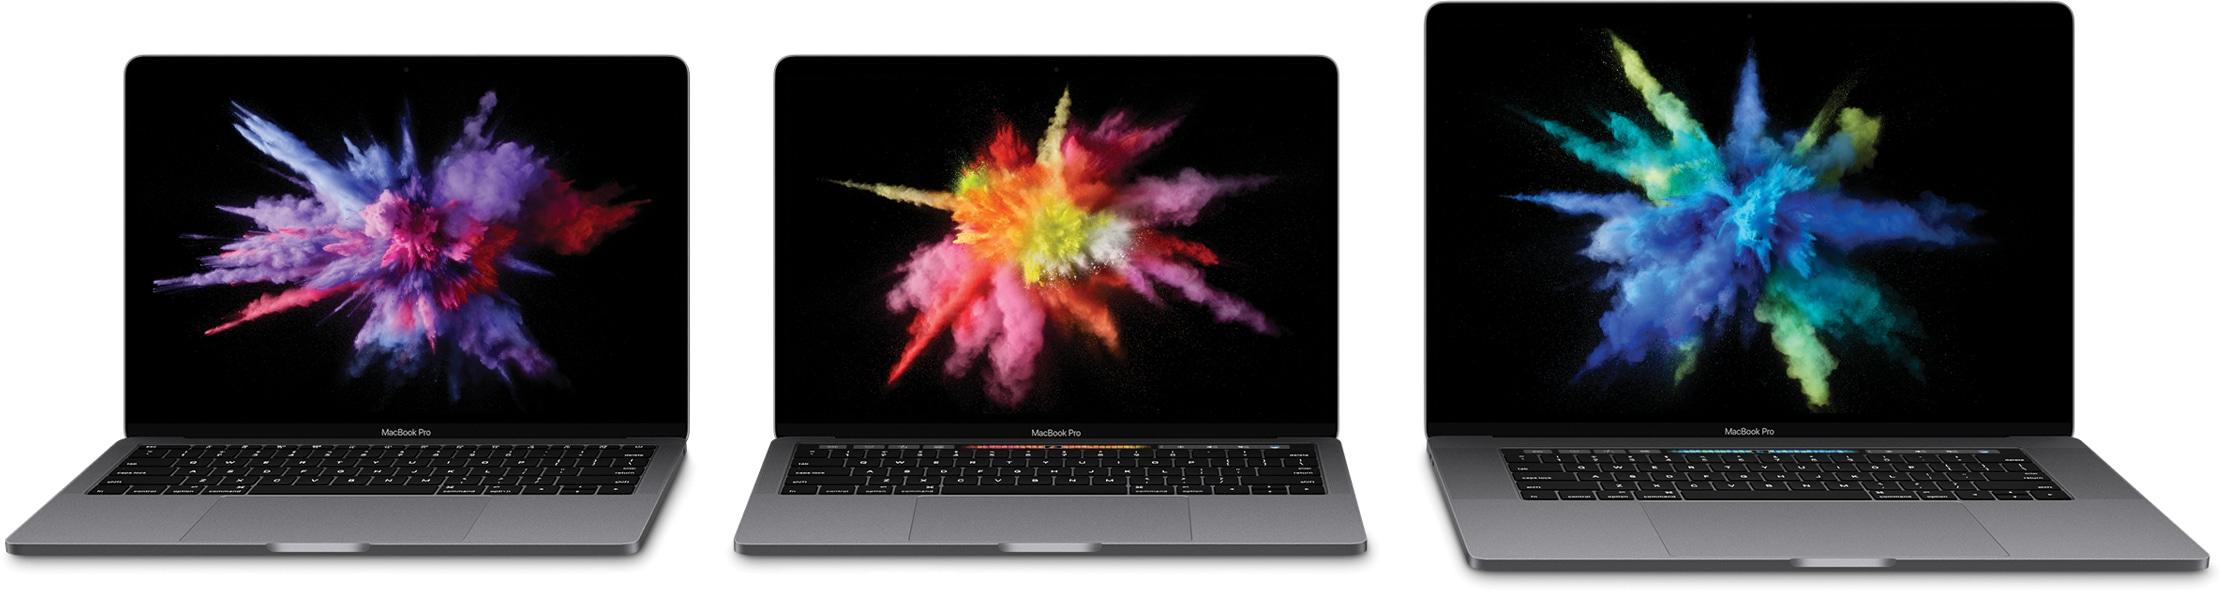 Nova linha completa de MacBooks Pro